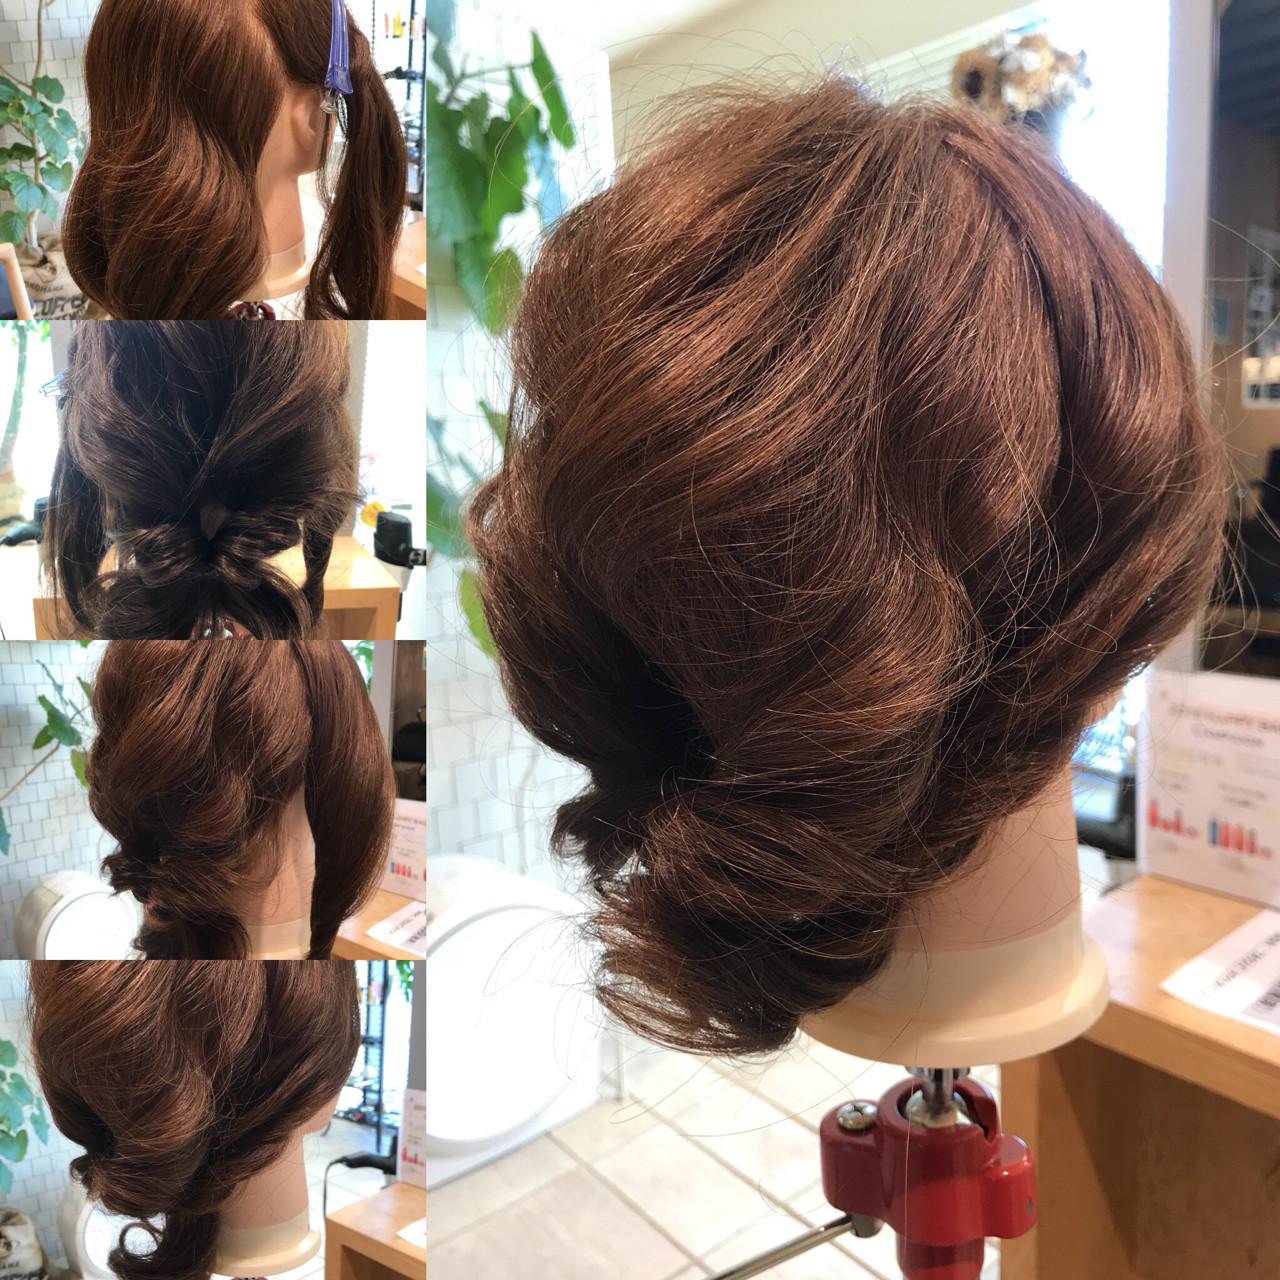 ひねってとめればレディライクな仕上がりに♡ YASU | hair salon M.plus ヨツバコ店 (ヘアーサロン エムプラス)